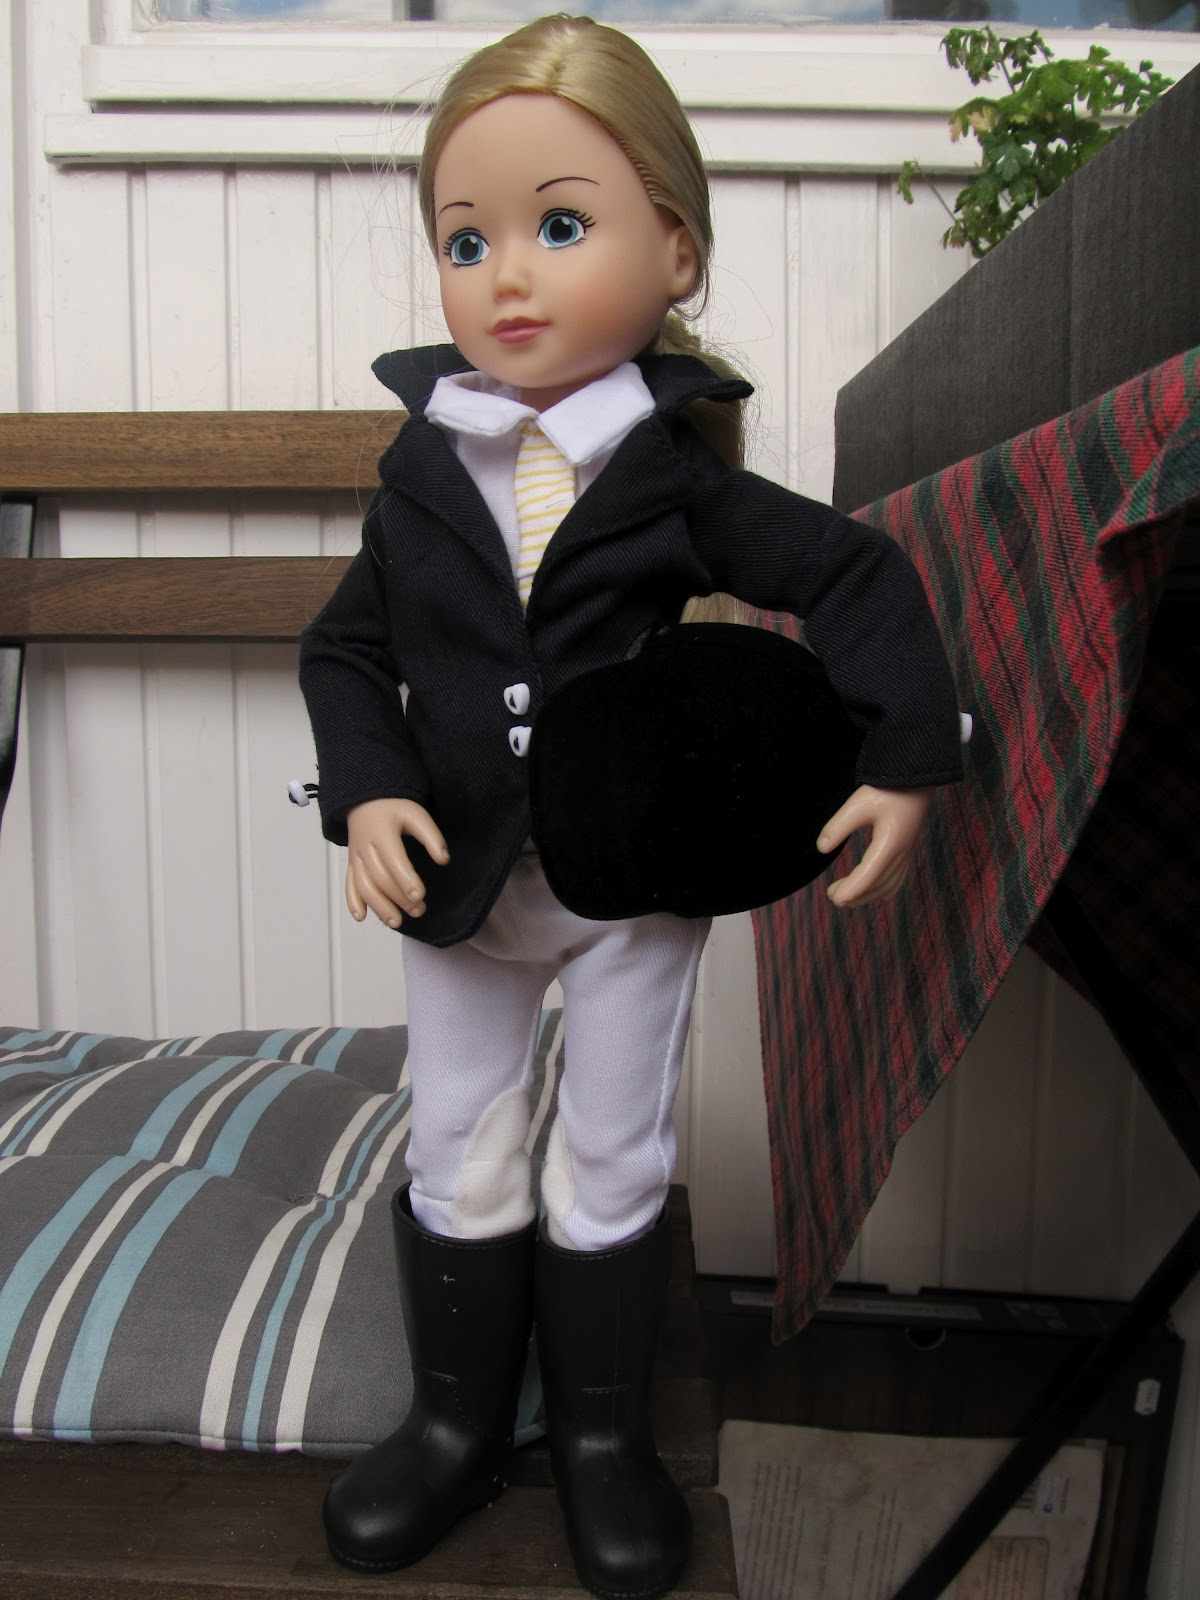 Az eredeti ruhája egy lovas ruha (itt csak súgva jegyzem meg esetlenebbül  volt elkészítve mint egy Barbie méretű e93deb68c7